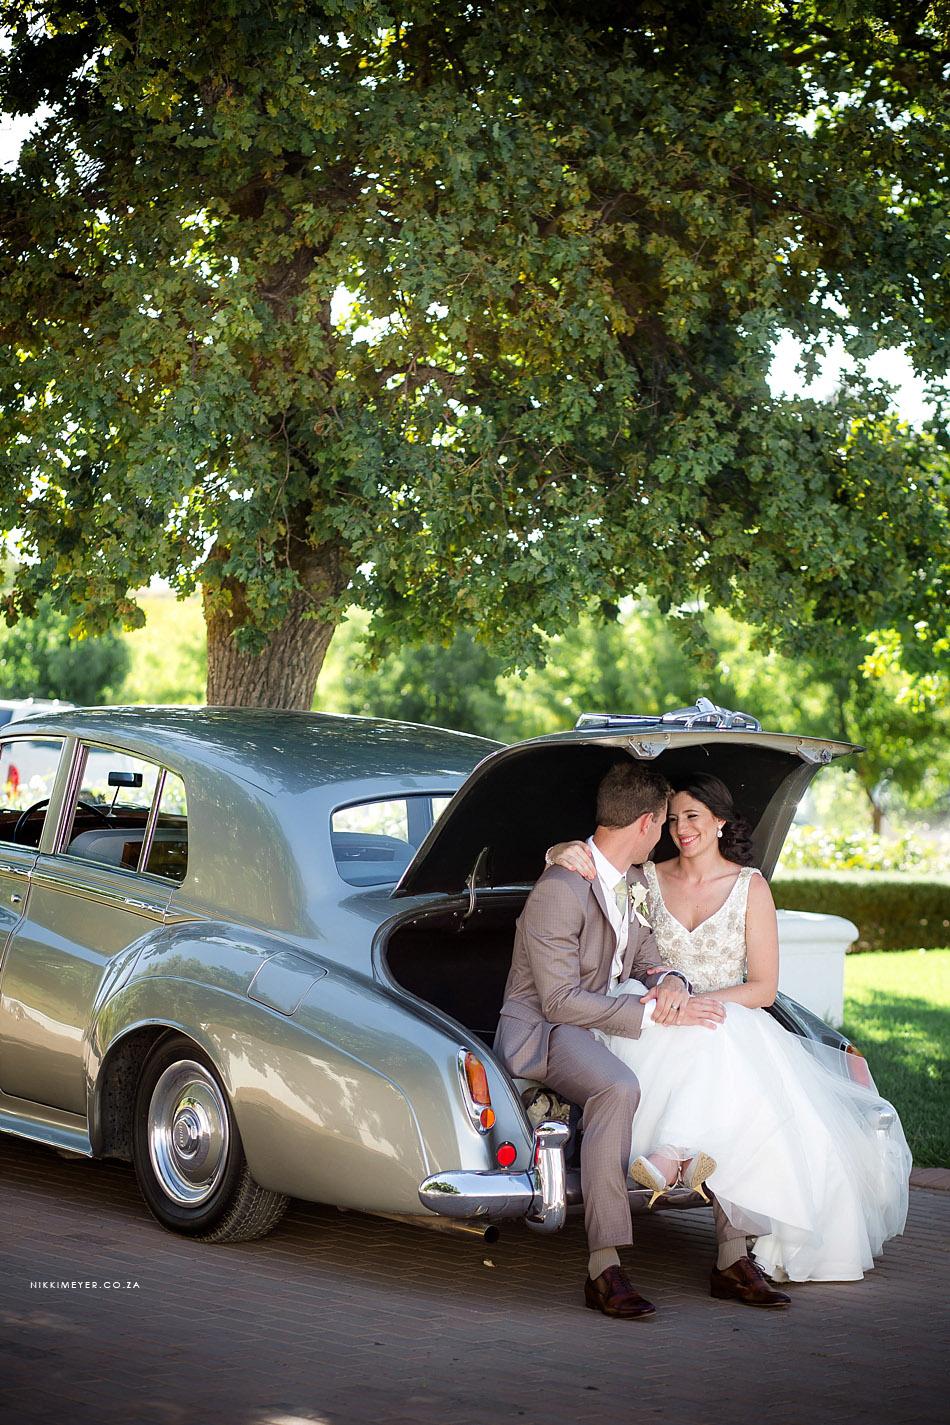 nikki_meyer_kleinevalleij_boland_wedding_photographer_041